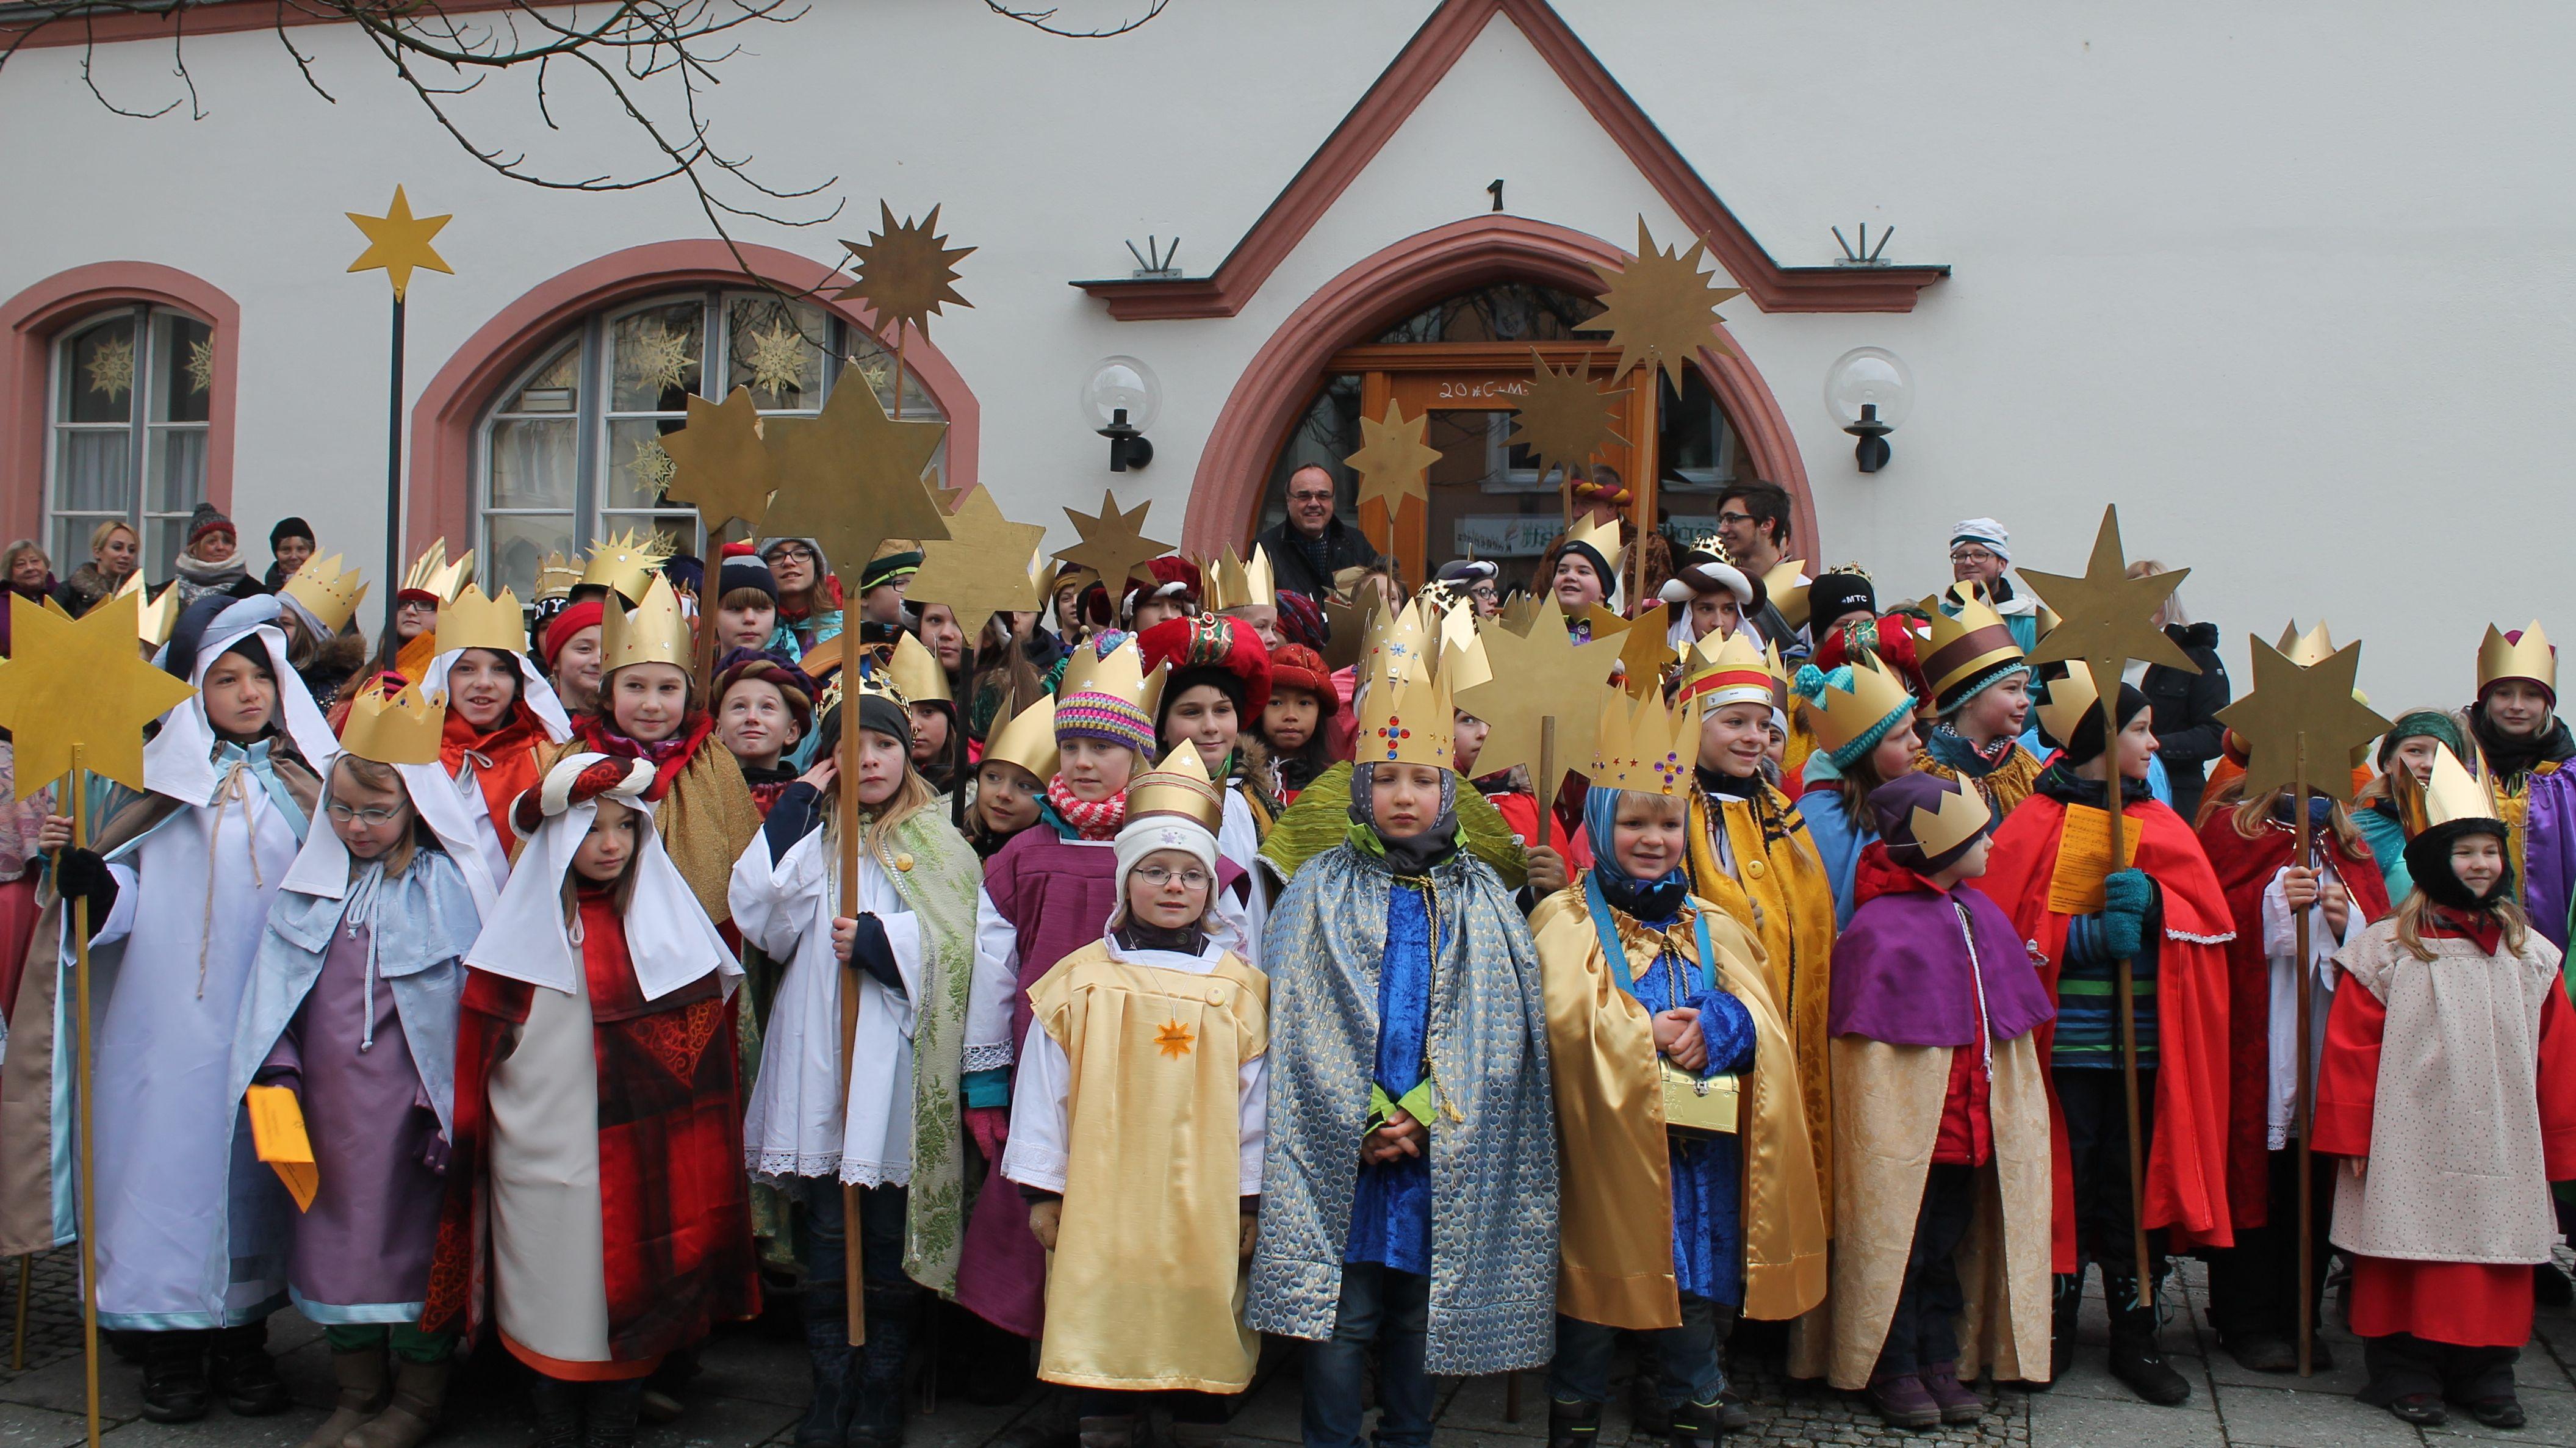 Mehr als 150 Sternsinger stehen in ihren prächtigen Gewändern vor dem Rathaus.